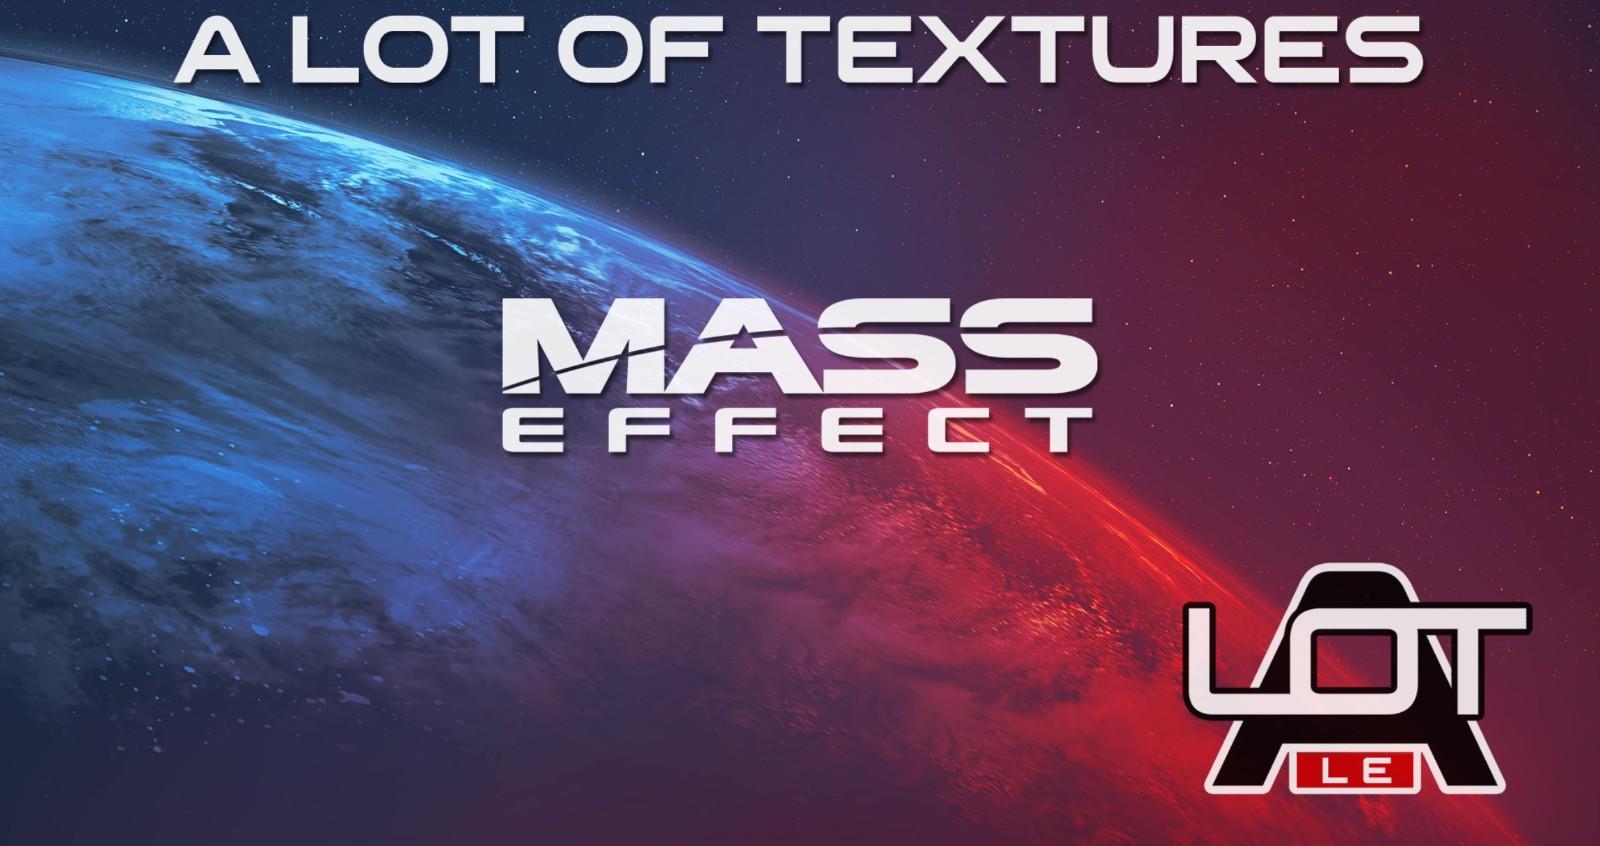 《质量效应:传奇版》最好的画质MOD发布 截图对比  第1张